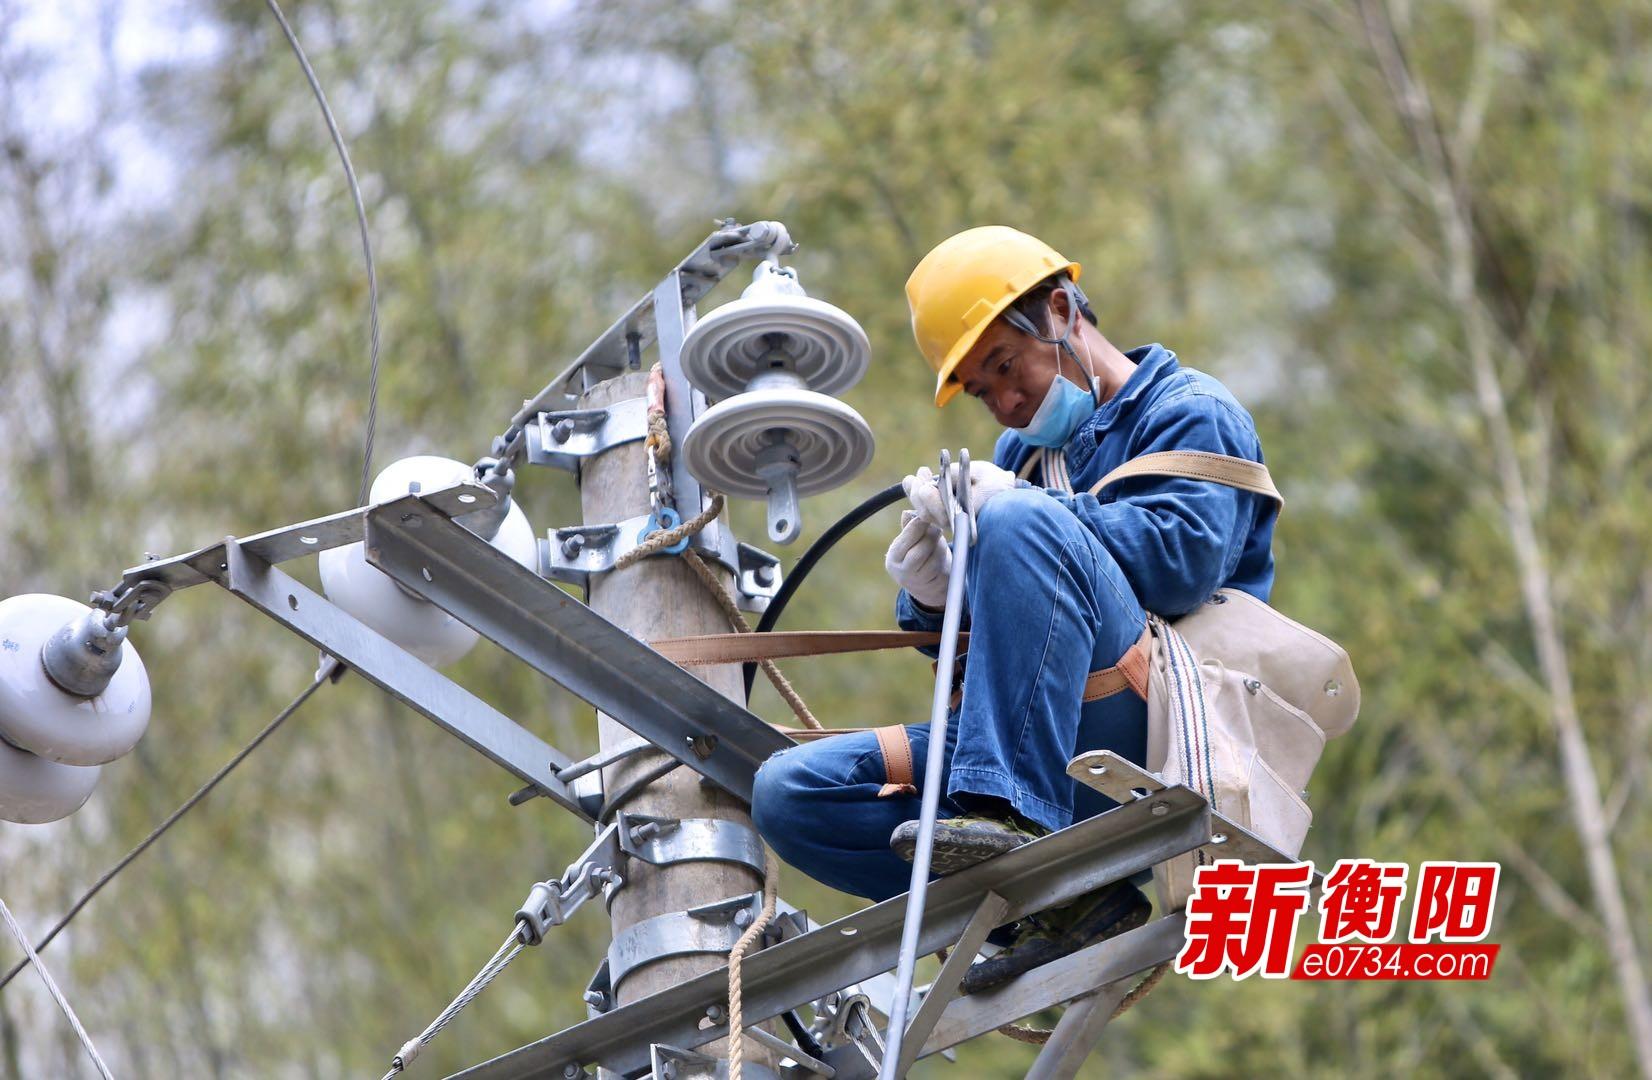 提升区域供电 祁东县白地市220千伏变电站全面动工建设